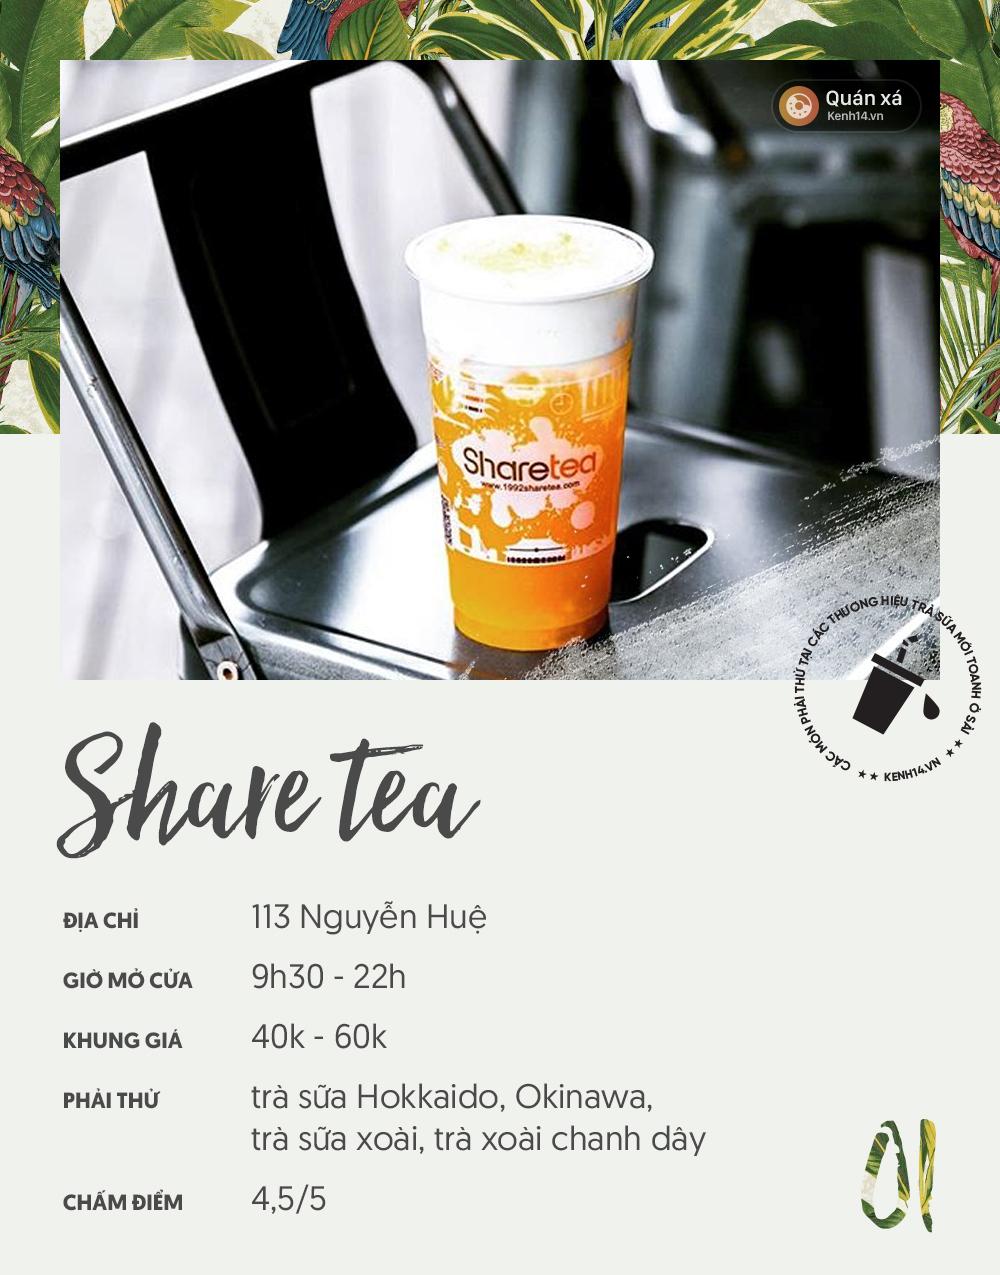 Sài Gòn: Cẩm nang gọi món để bạn không sợ lạc lối khi ghé thăm các thương hiệu trà sữa mới mở - Ảnh 1.